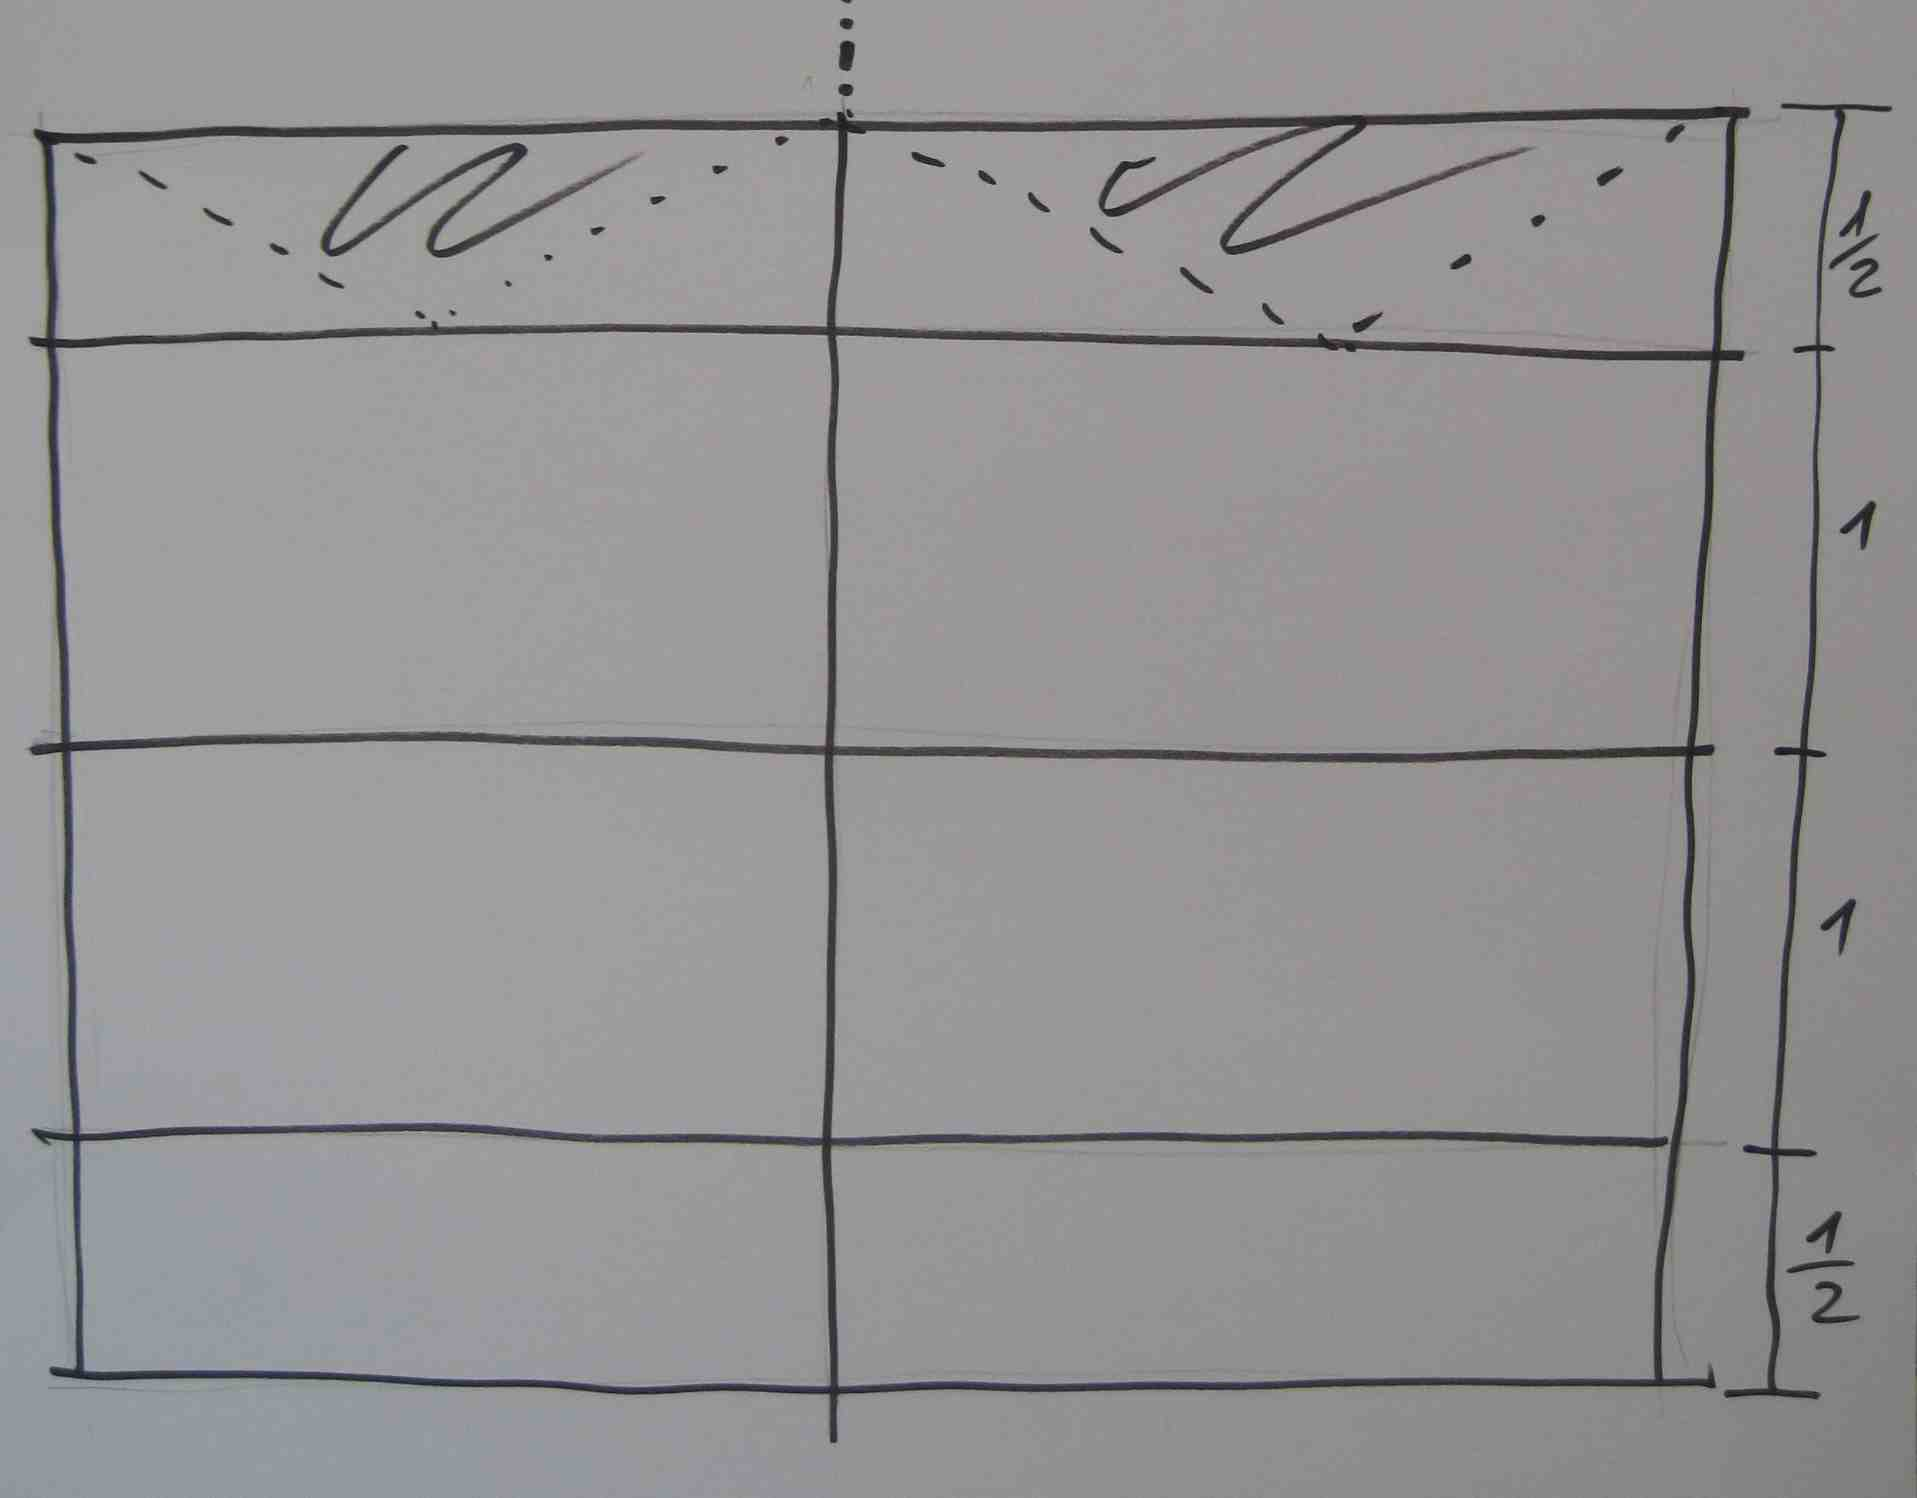 So klebt Ihr die sechs Bögen Seidenpapier zusammen und faltet es oben und unten mittig. Anschließend festkleben. Foto. (c) Kinderoutdoor.de